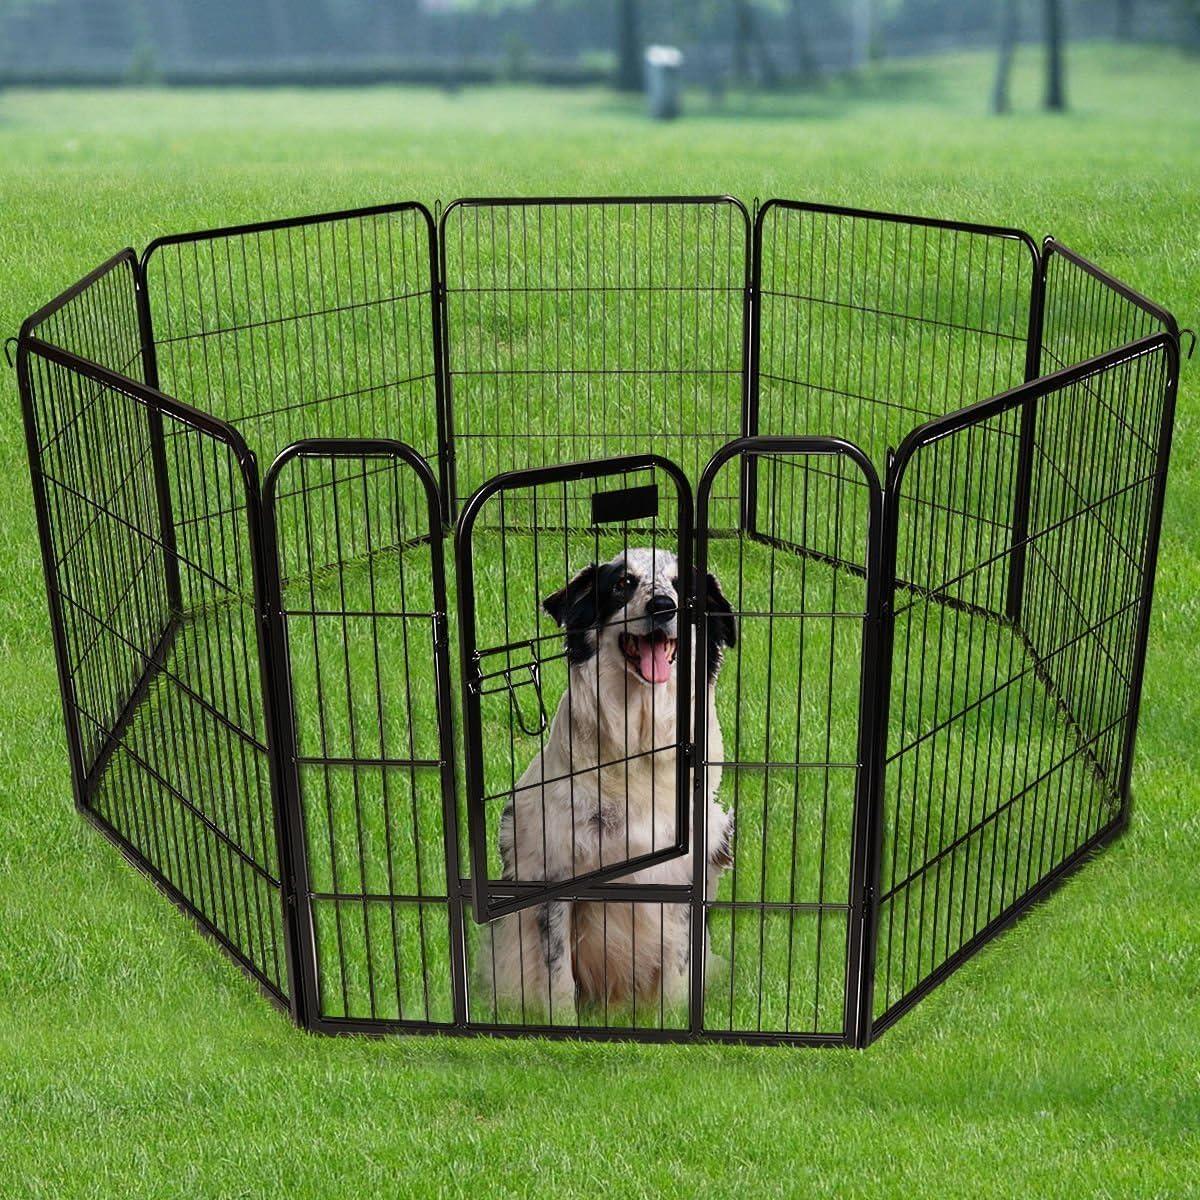 Metal Dog Playpen Indoor Outdoor Fence 20 Inch Black 20 Panels ...